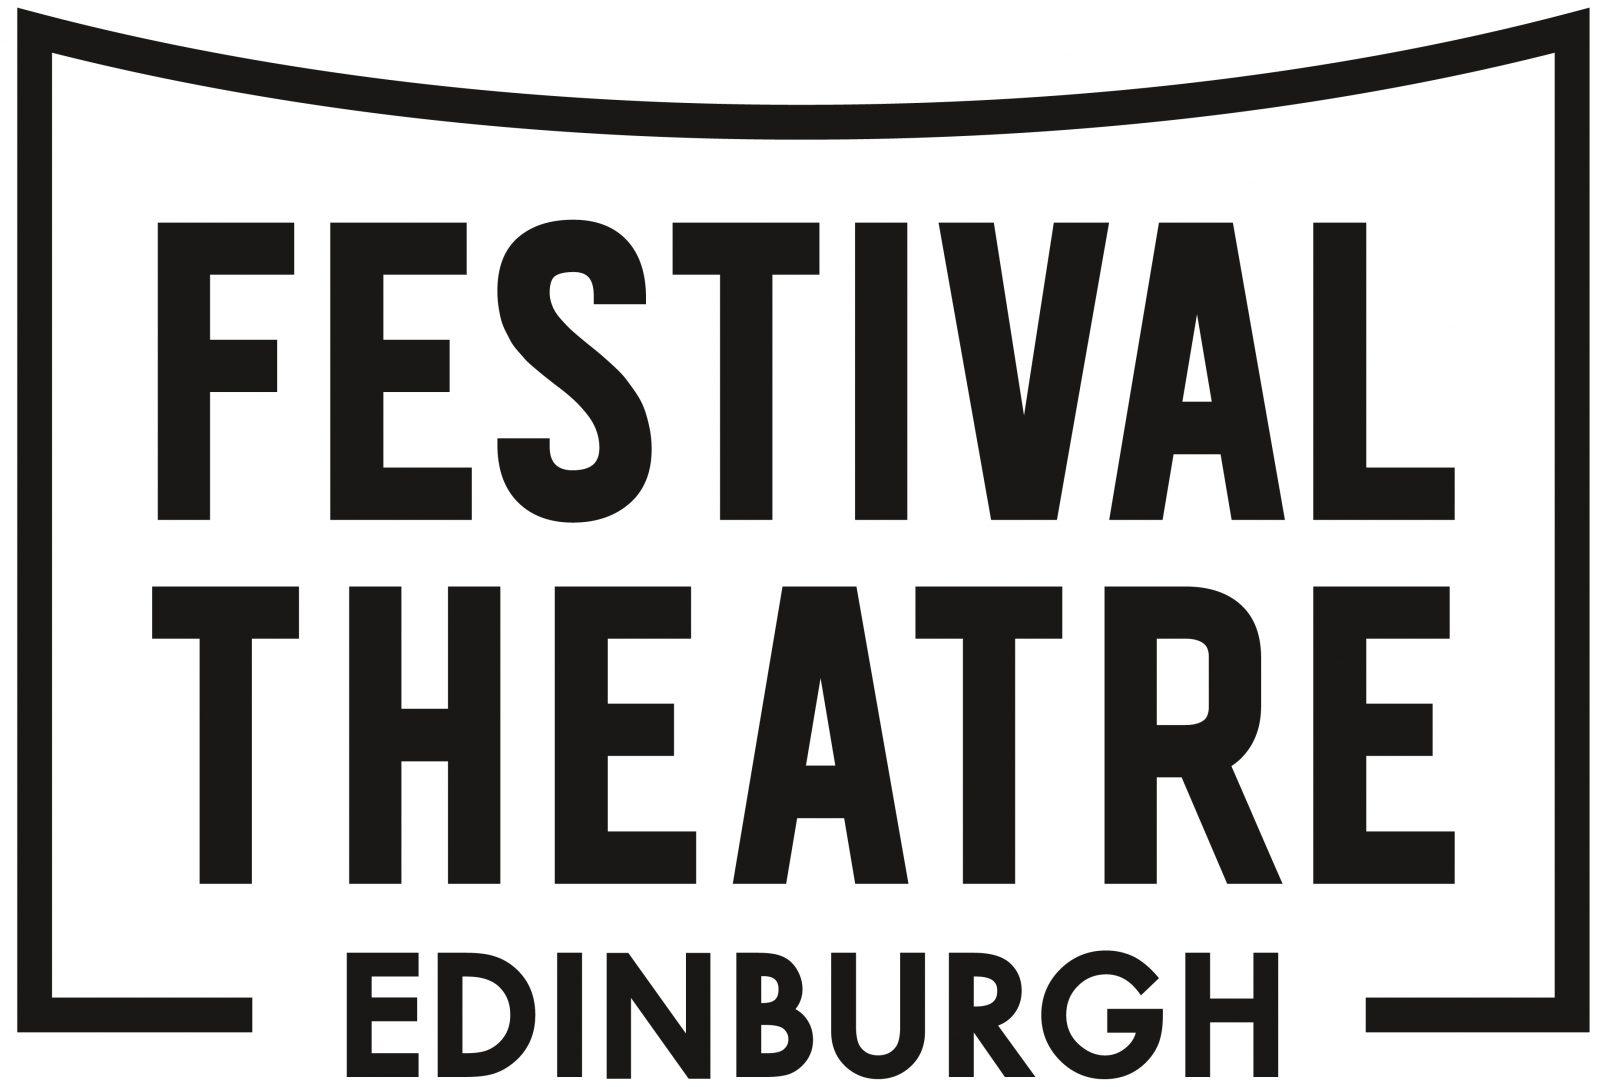 Festival Theatre logo